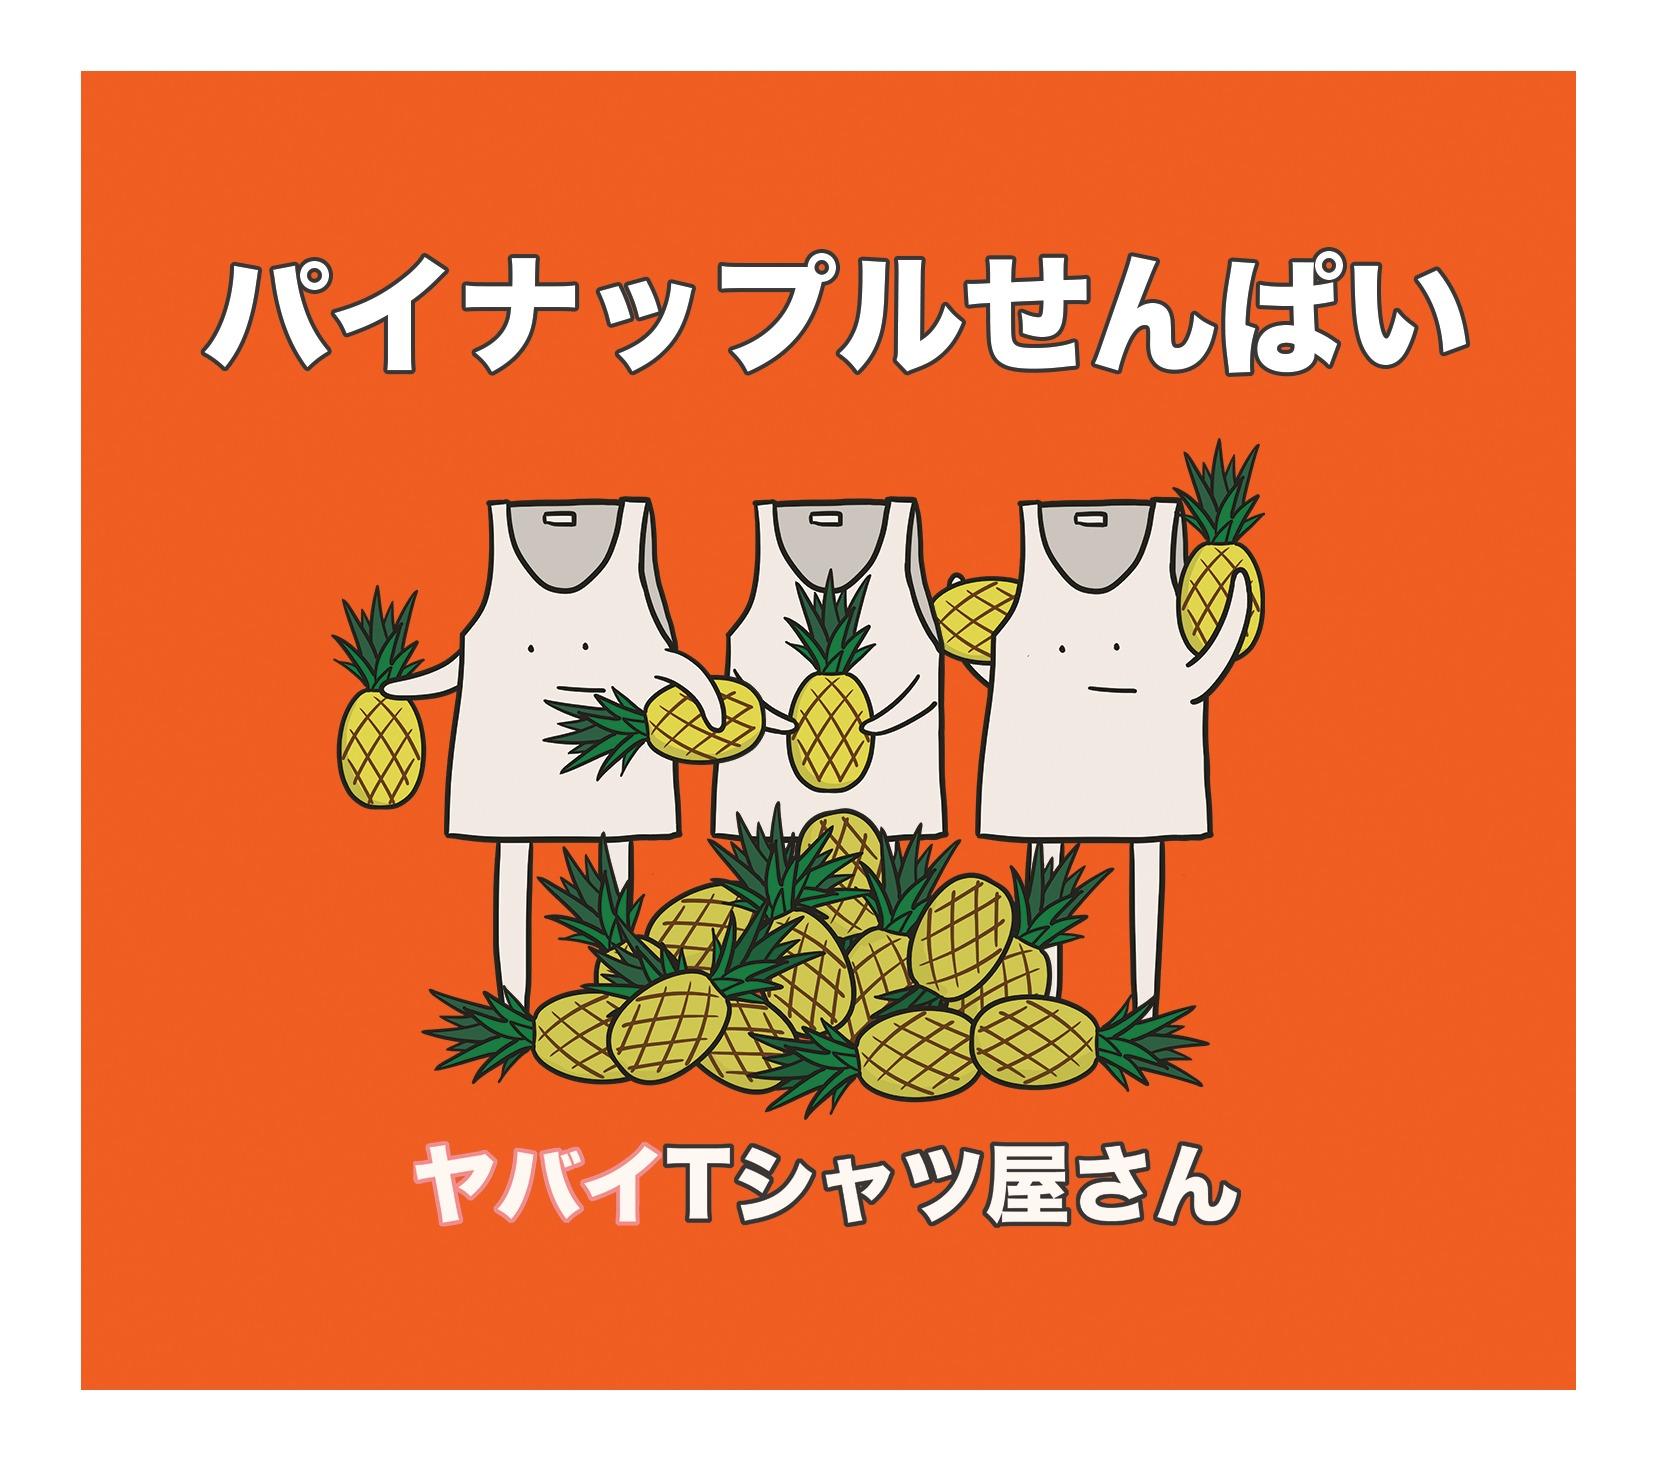 「パイナップルせんぱい」初回盤